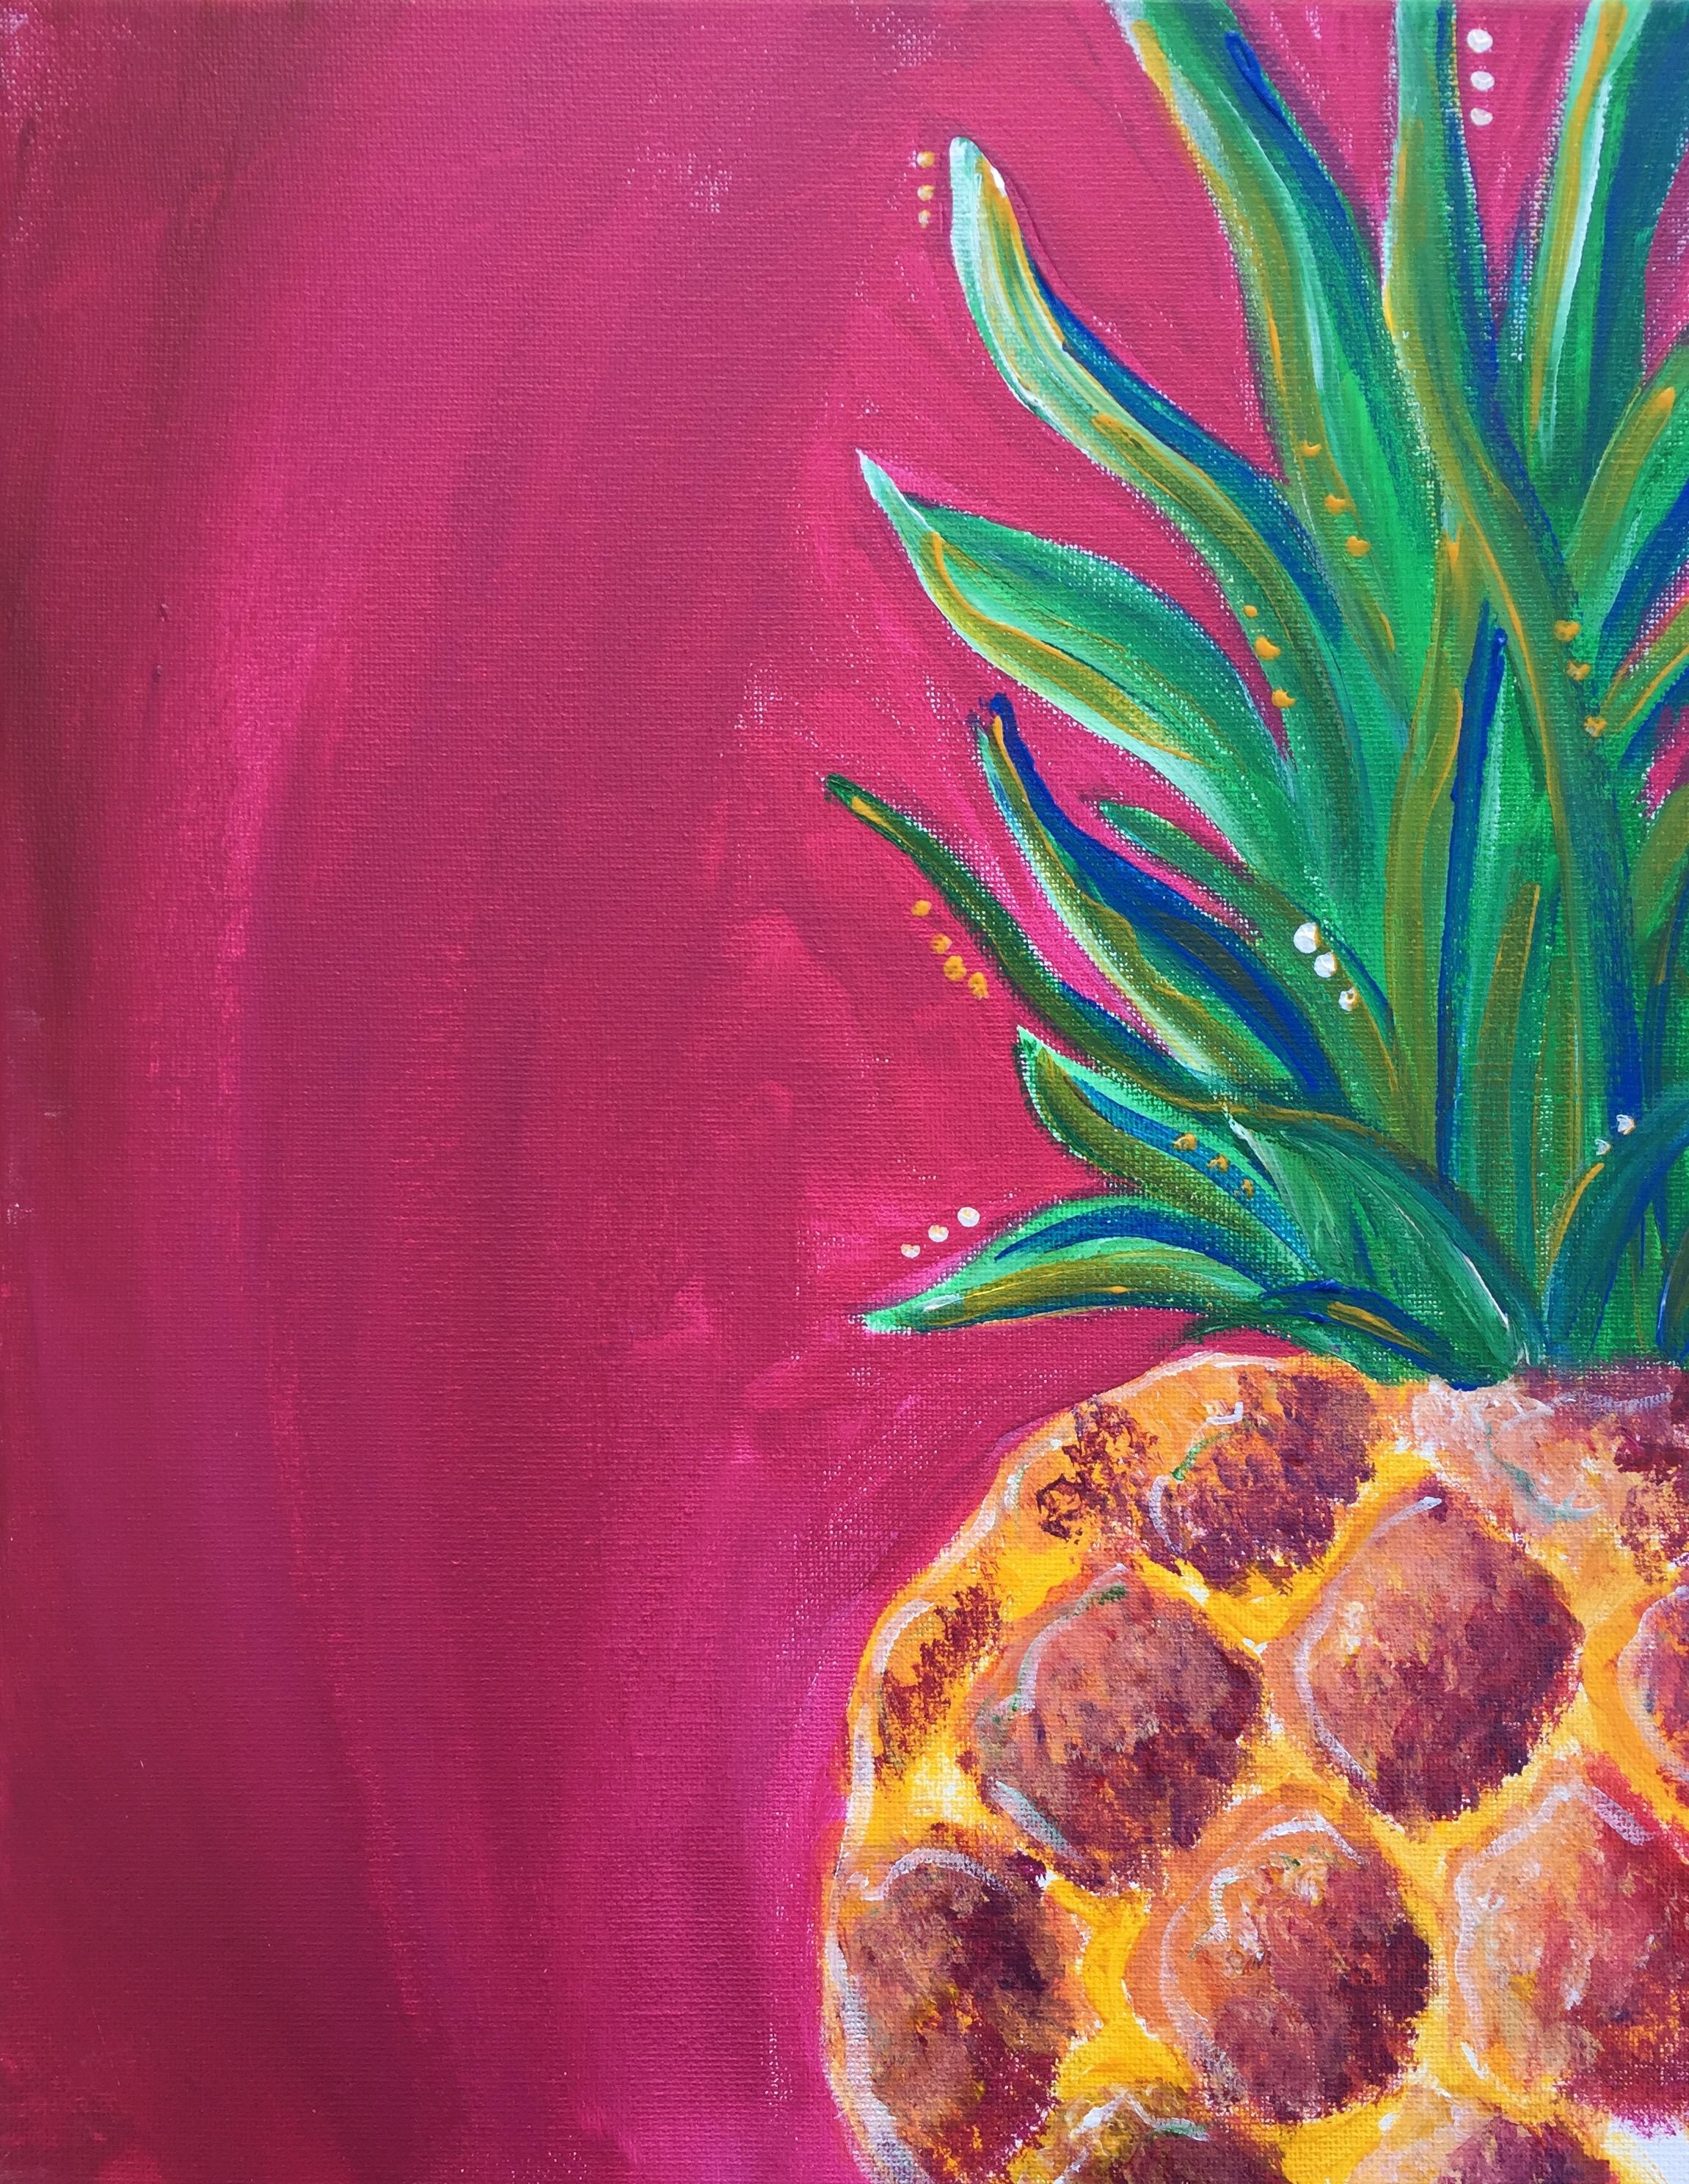 August Paint Party @ Fairmount Grille